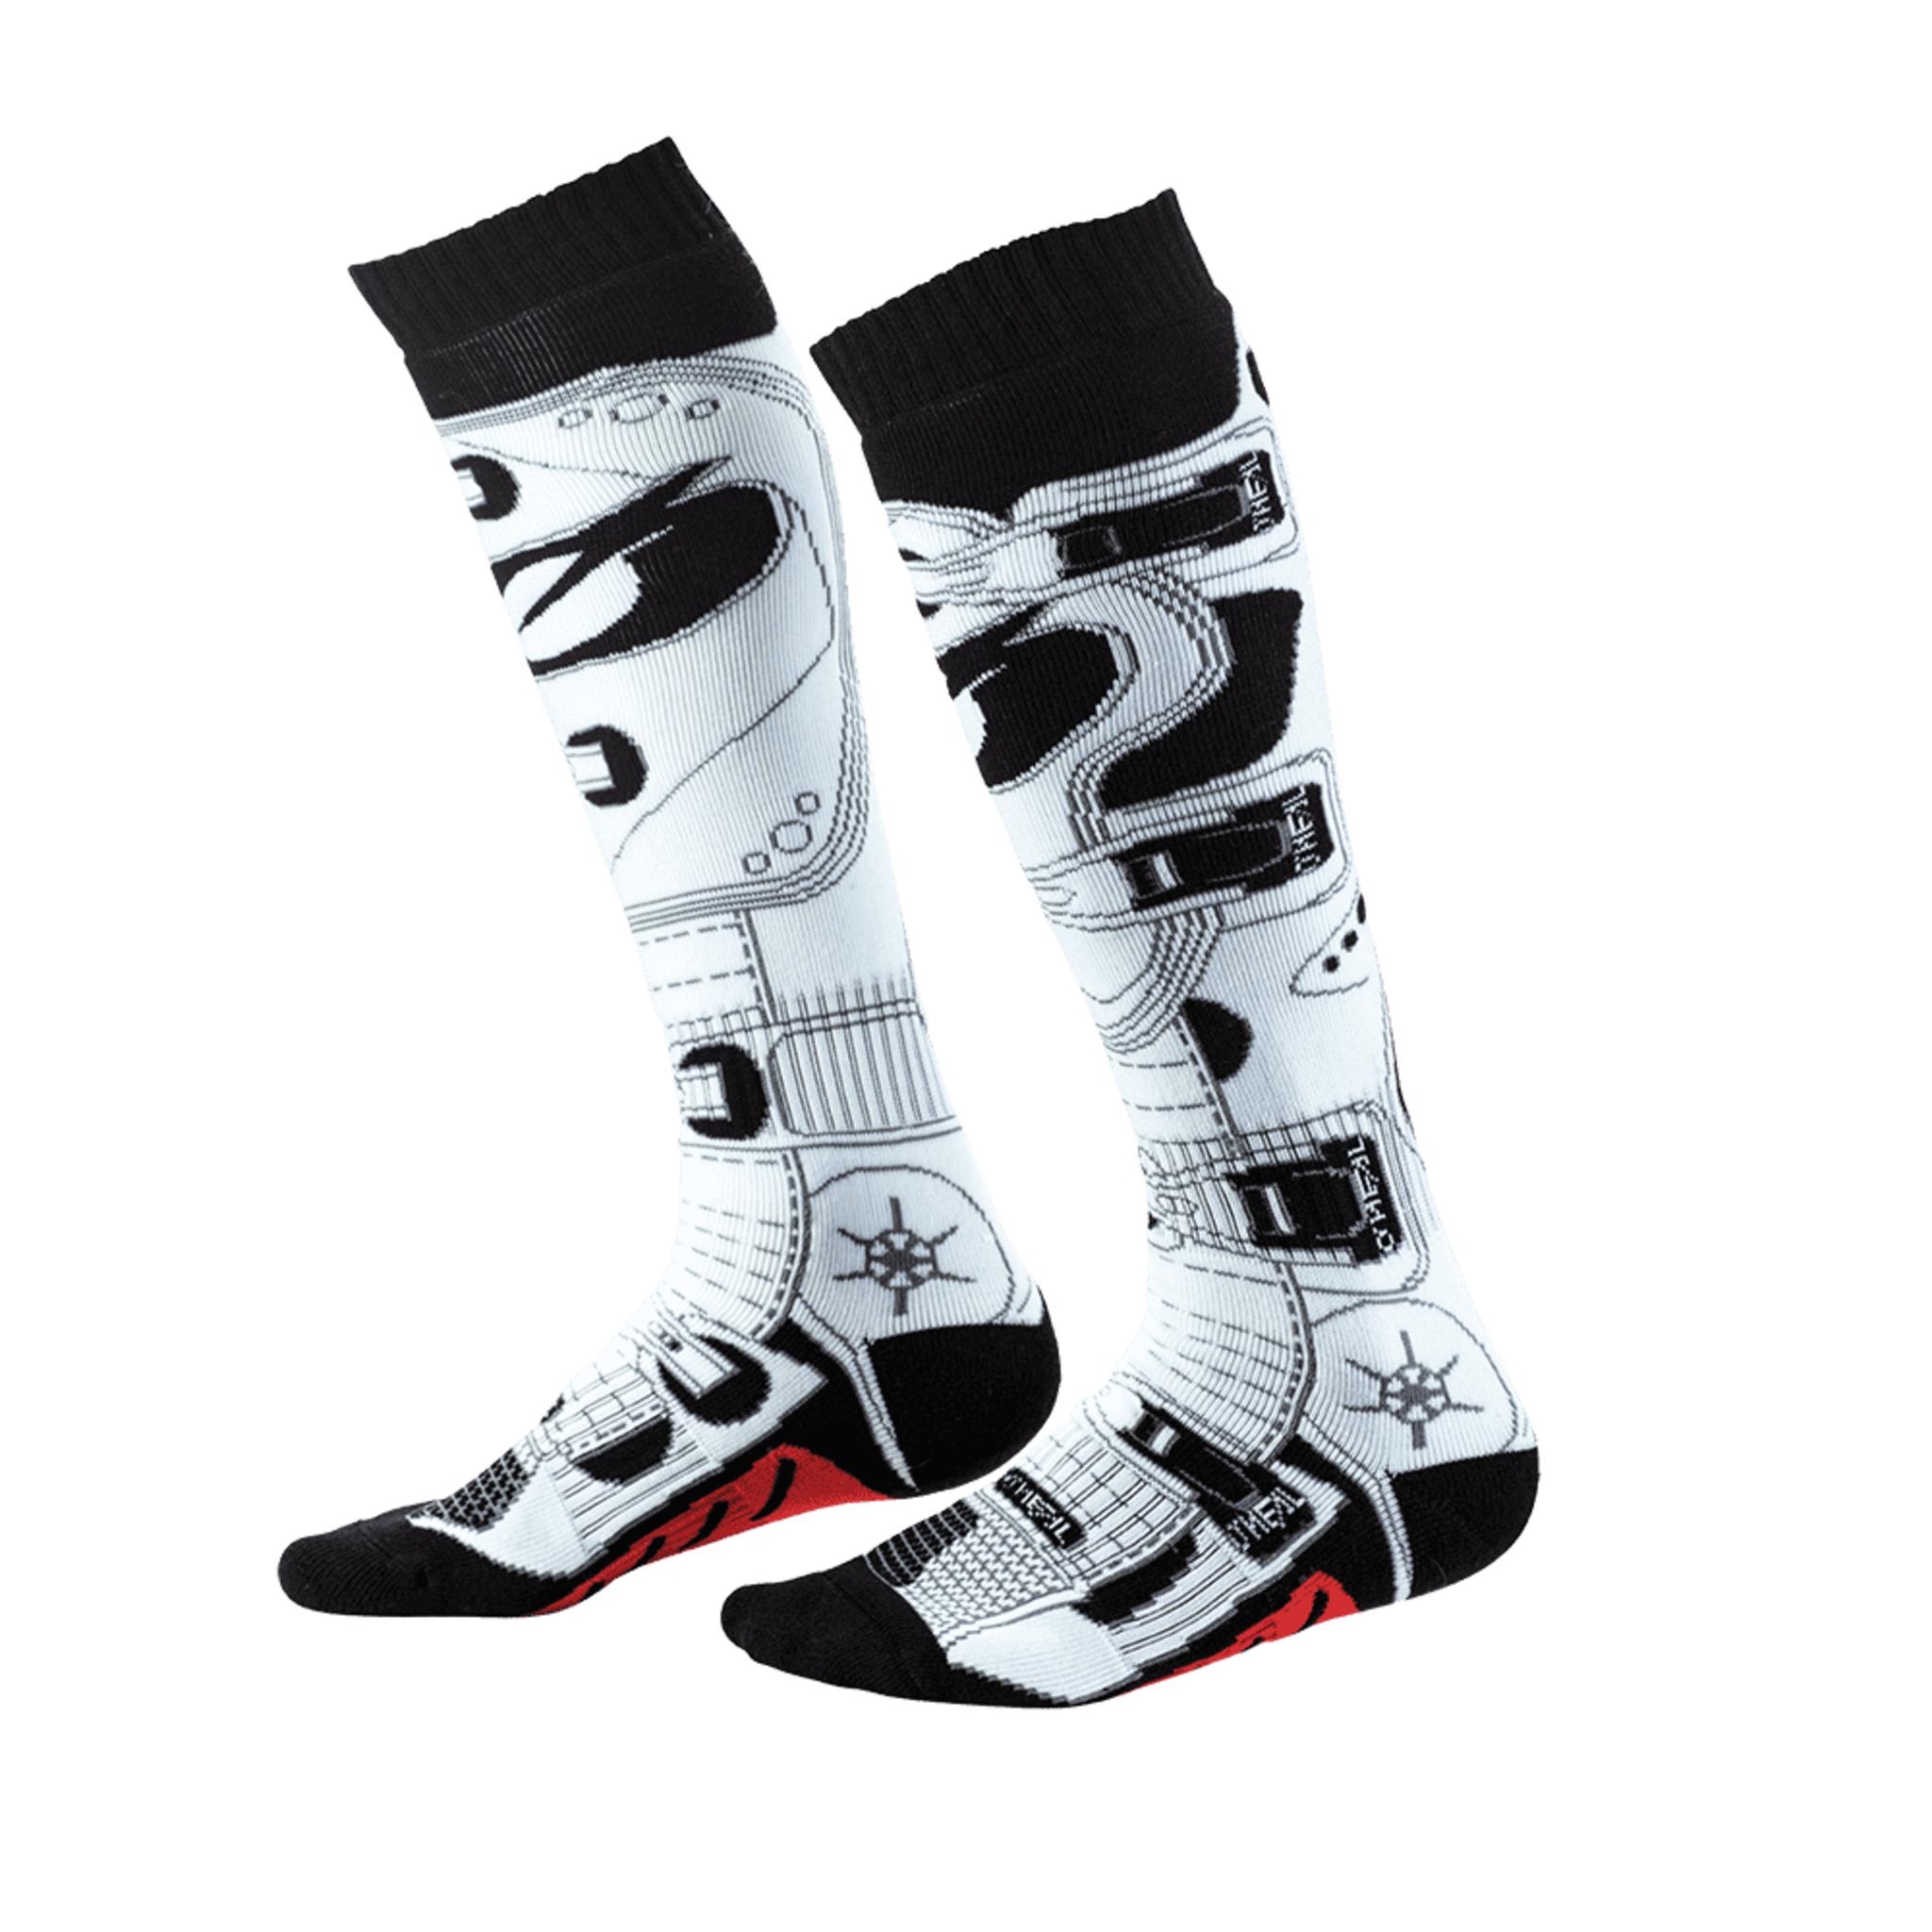 Носки для мотокросса Pro Mx Rdx